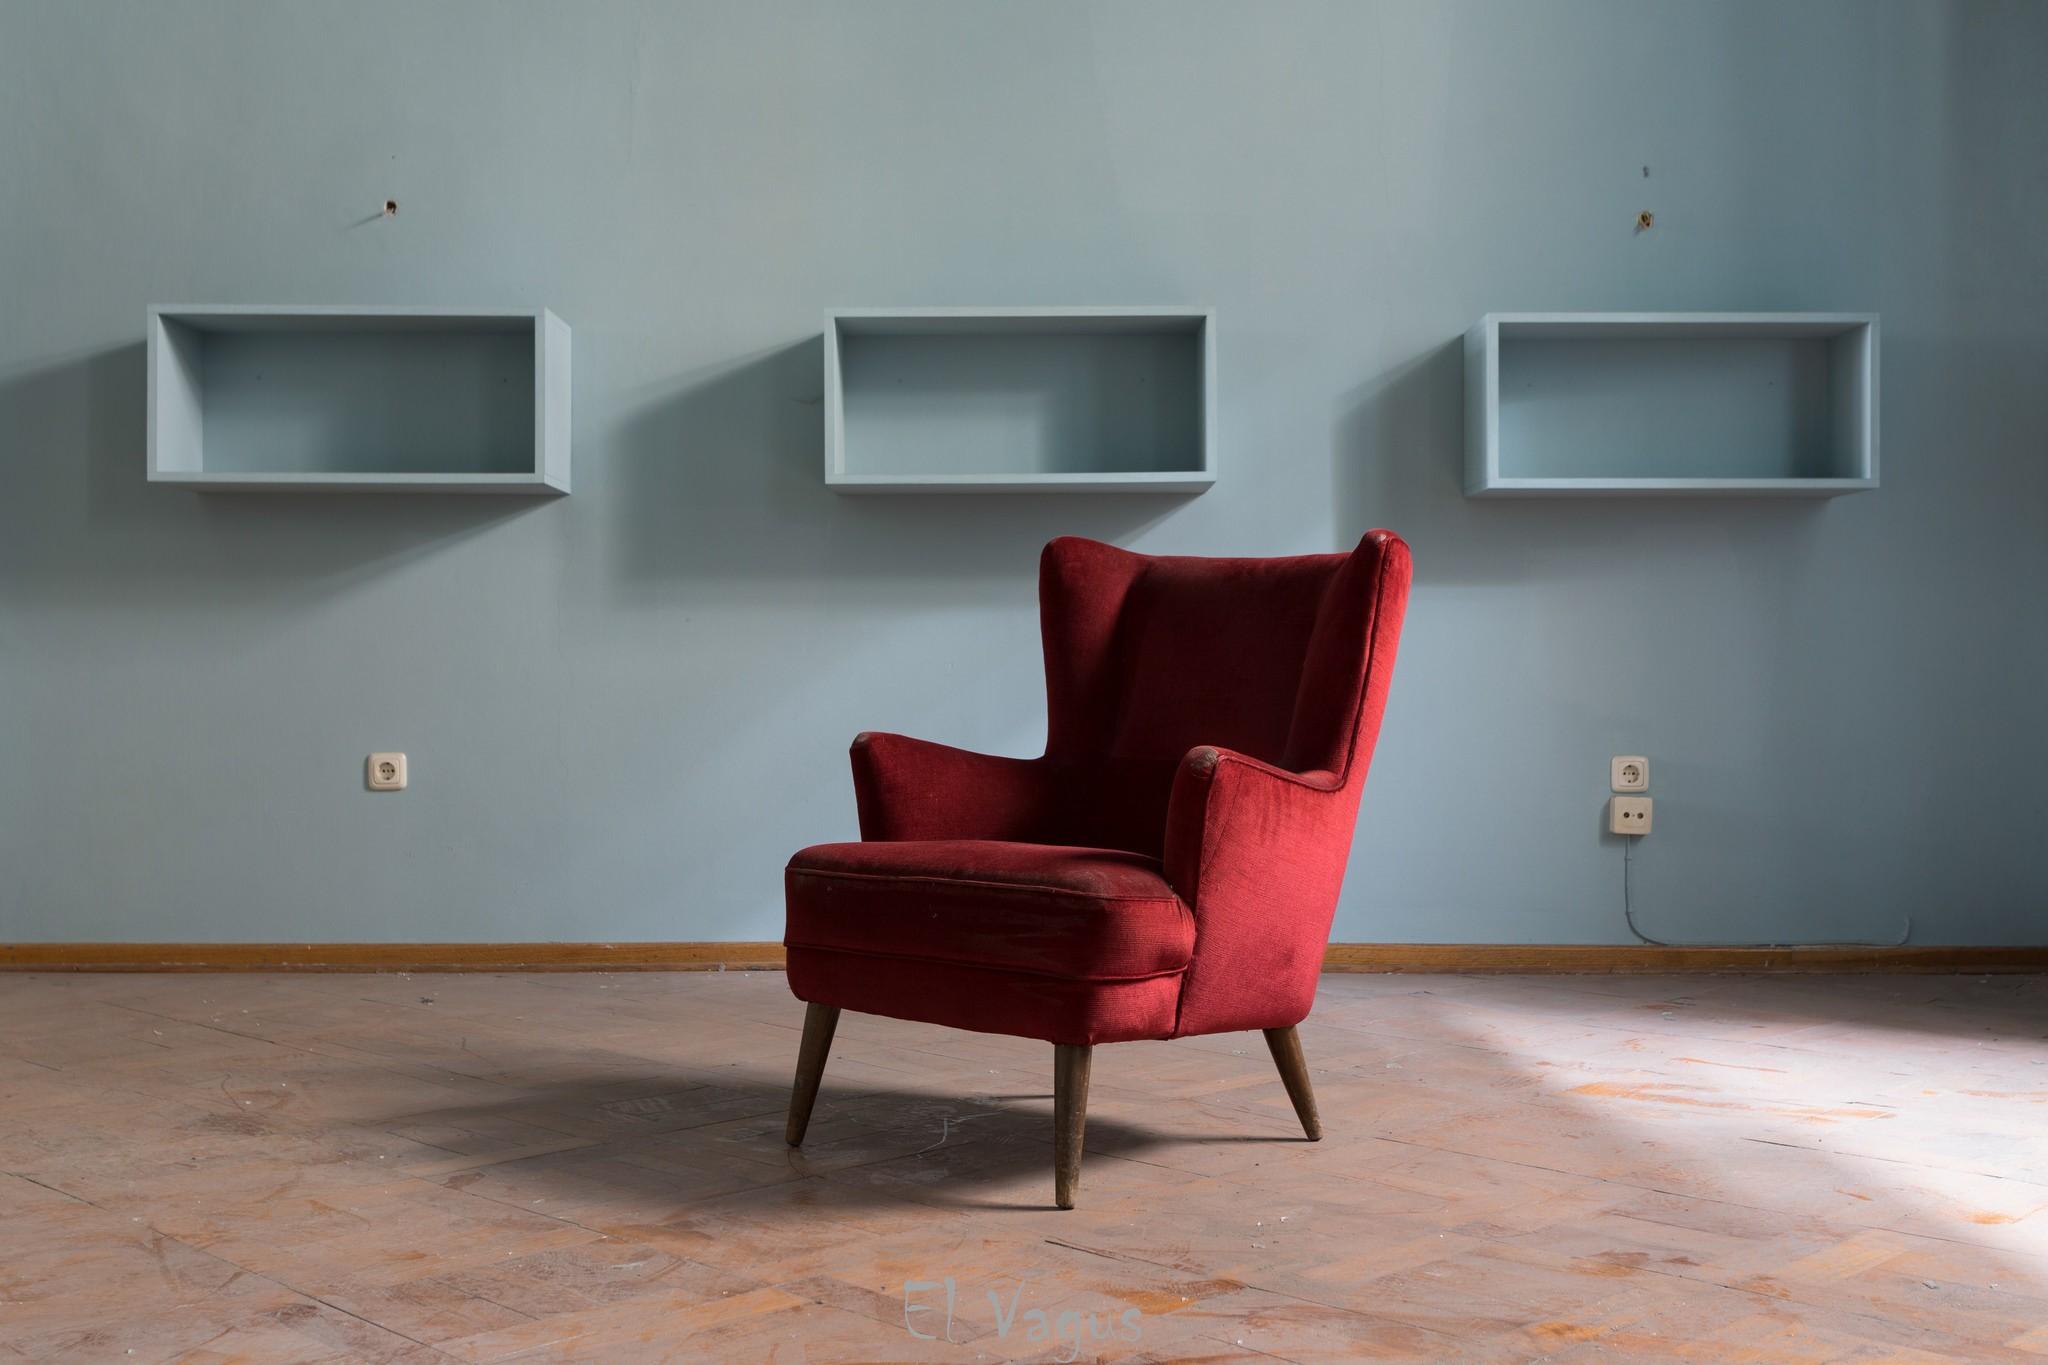 Pavimento Rosso Colore Pareti : Sfondi camera rosso interno abbandonato parete tavolo